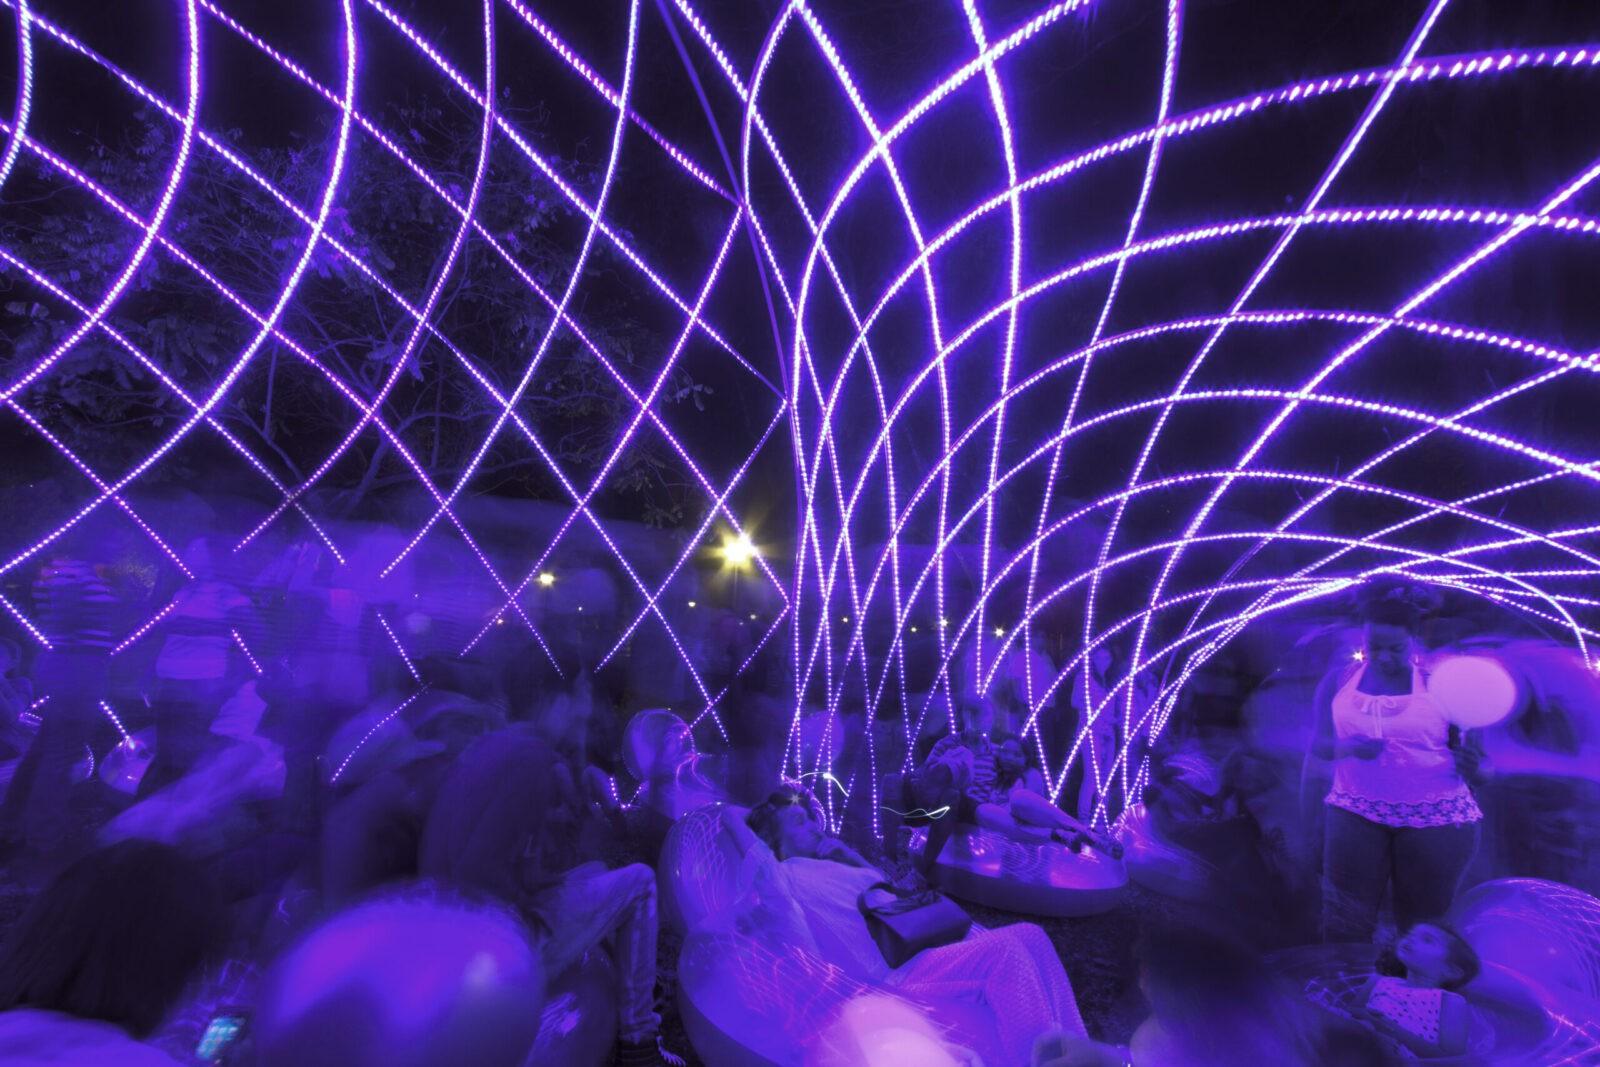 show cenografia eventos projeto belo horizonte led paramétrico cenário